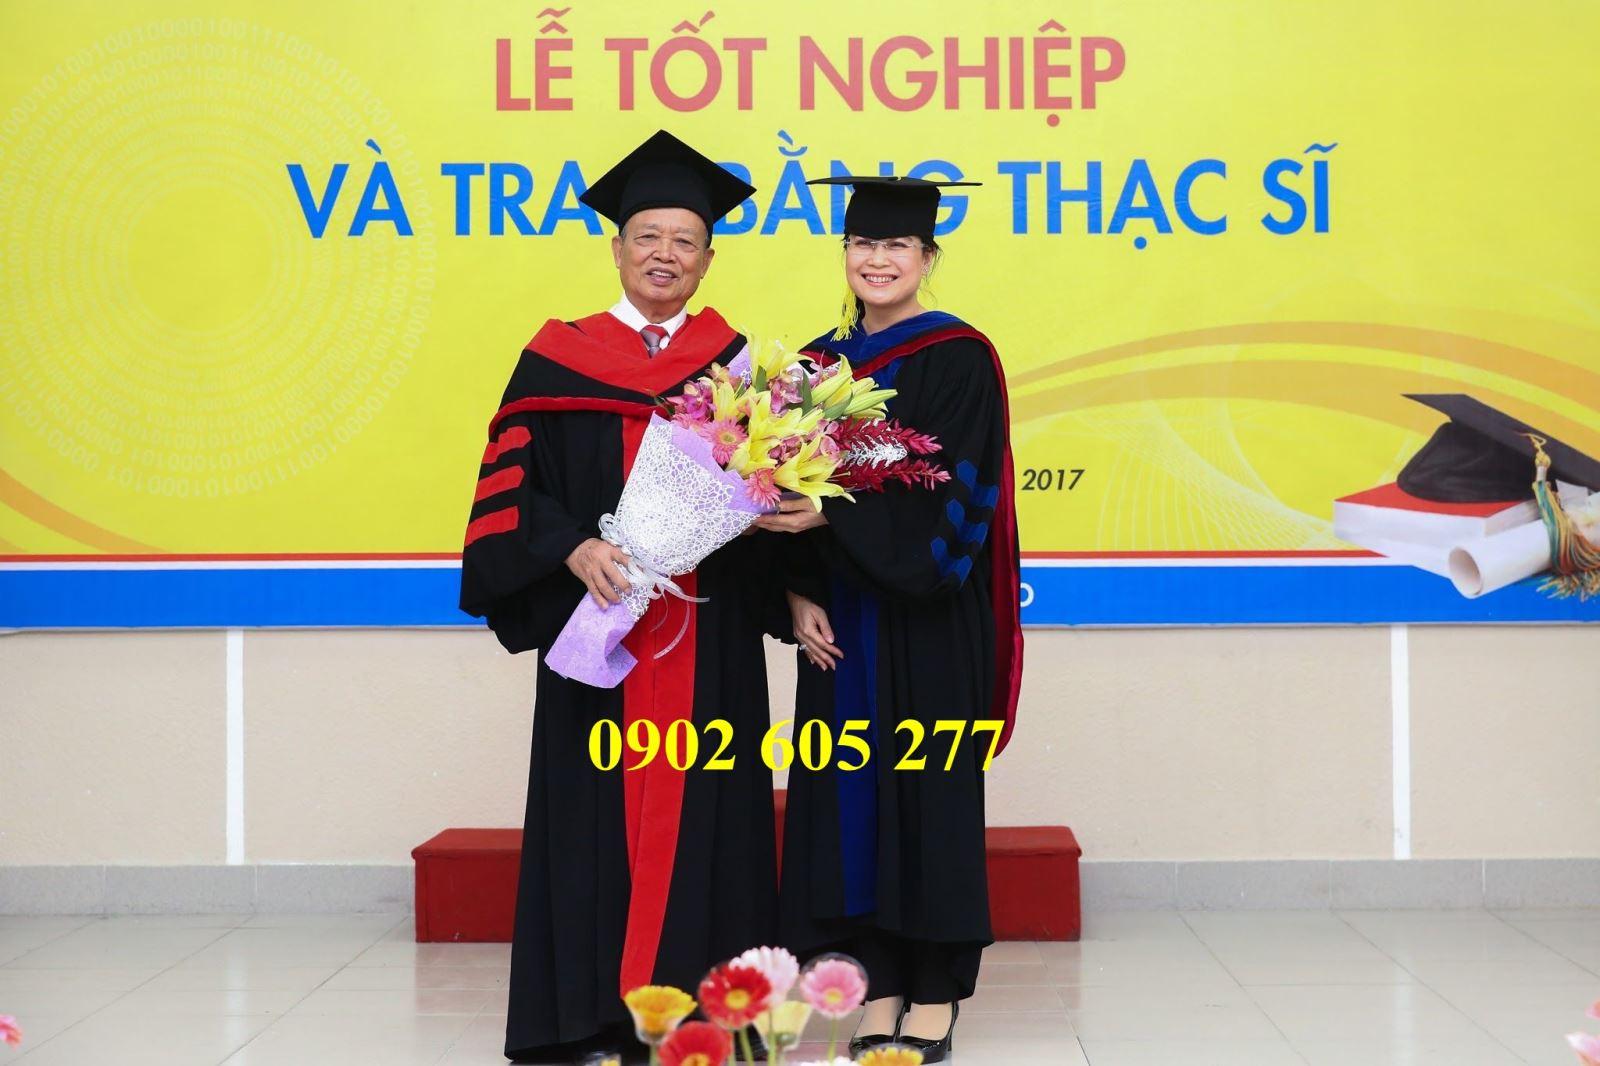 May đồ cử nhân người lớn giá rẻ tại Ninh Bình- do cu nhan sinh vien may tai ninh binh